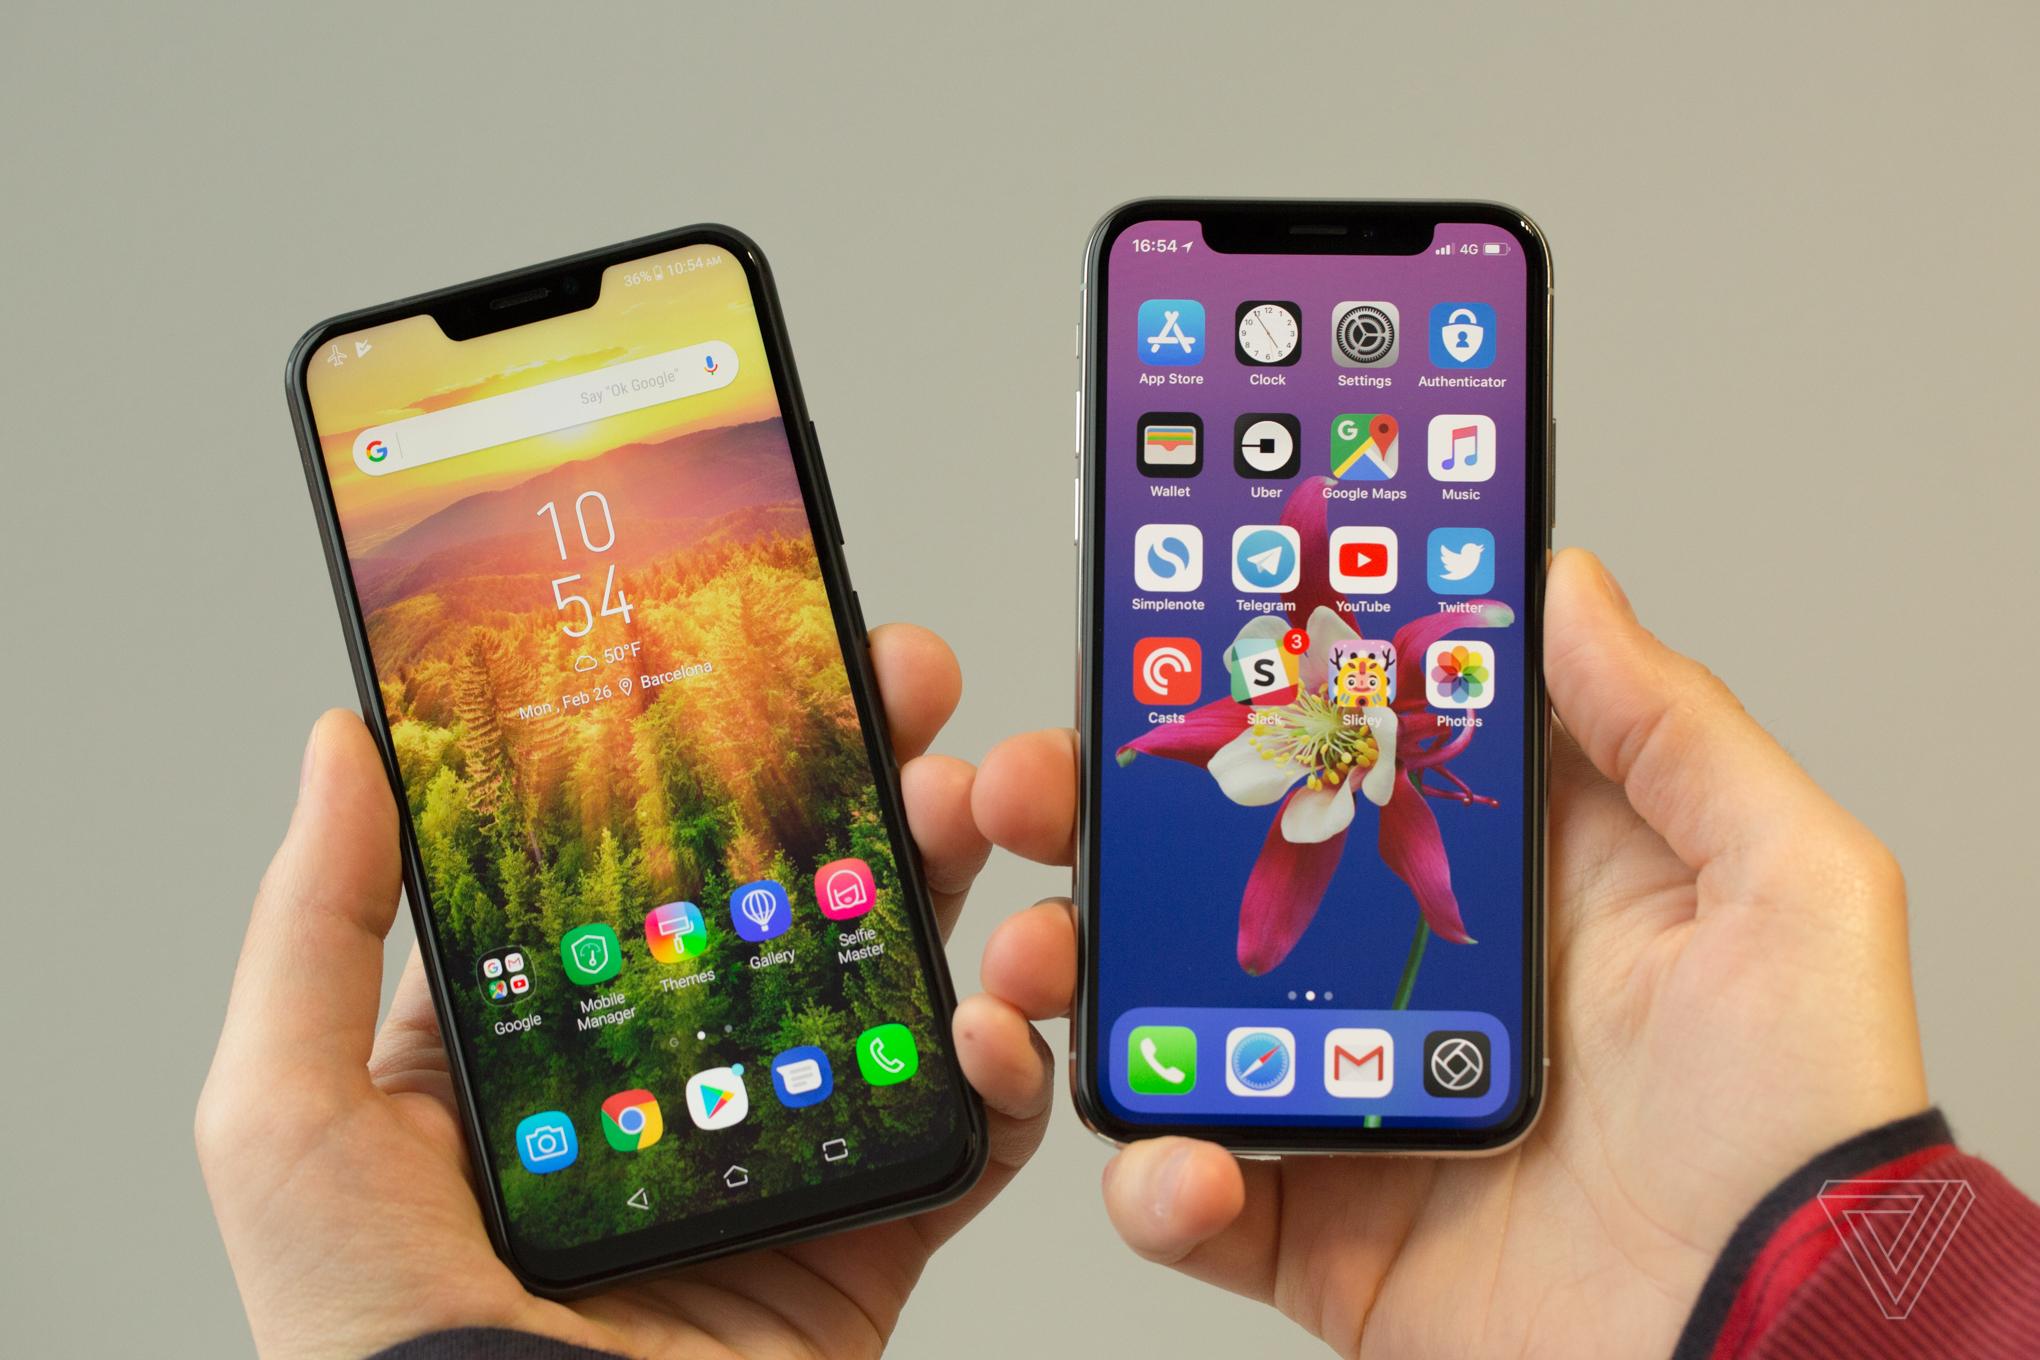 قیمت موبایل اهواز 2 قیمت موبایل اهواز